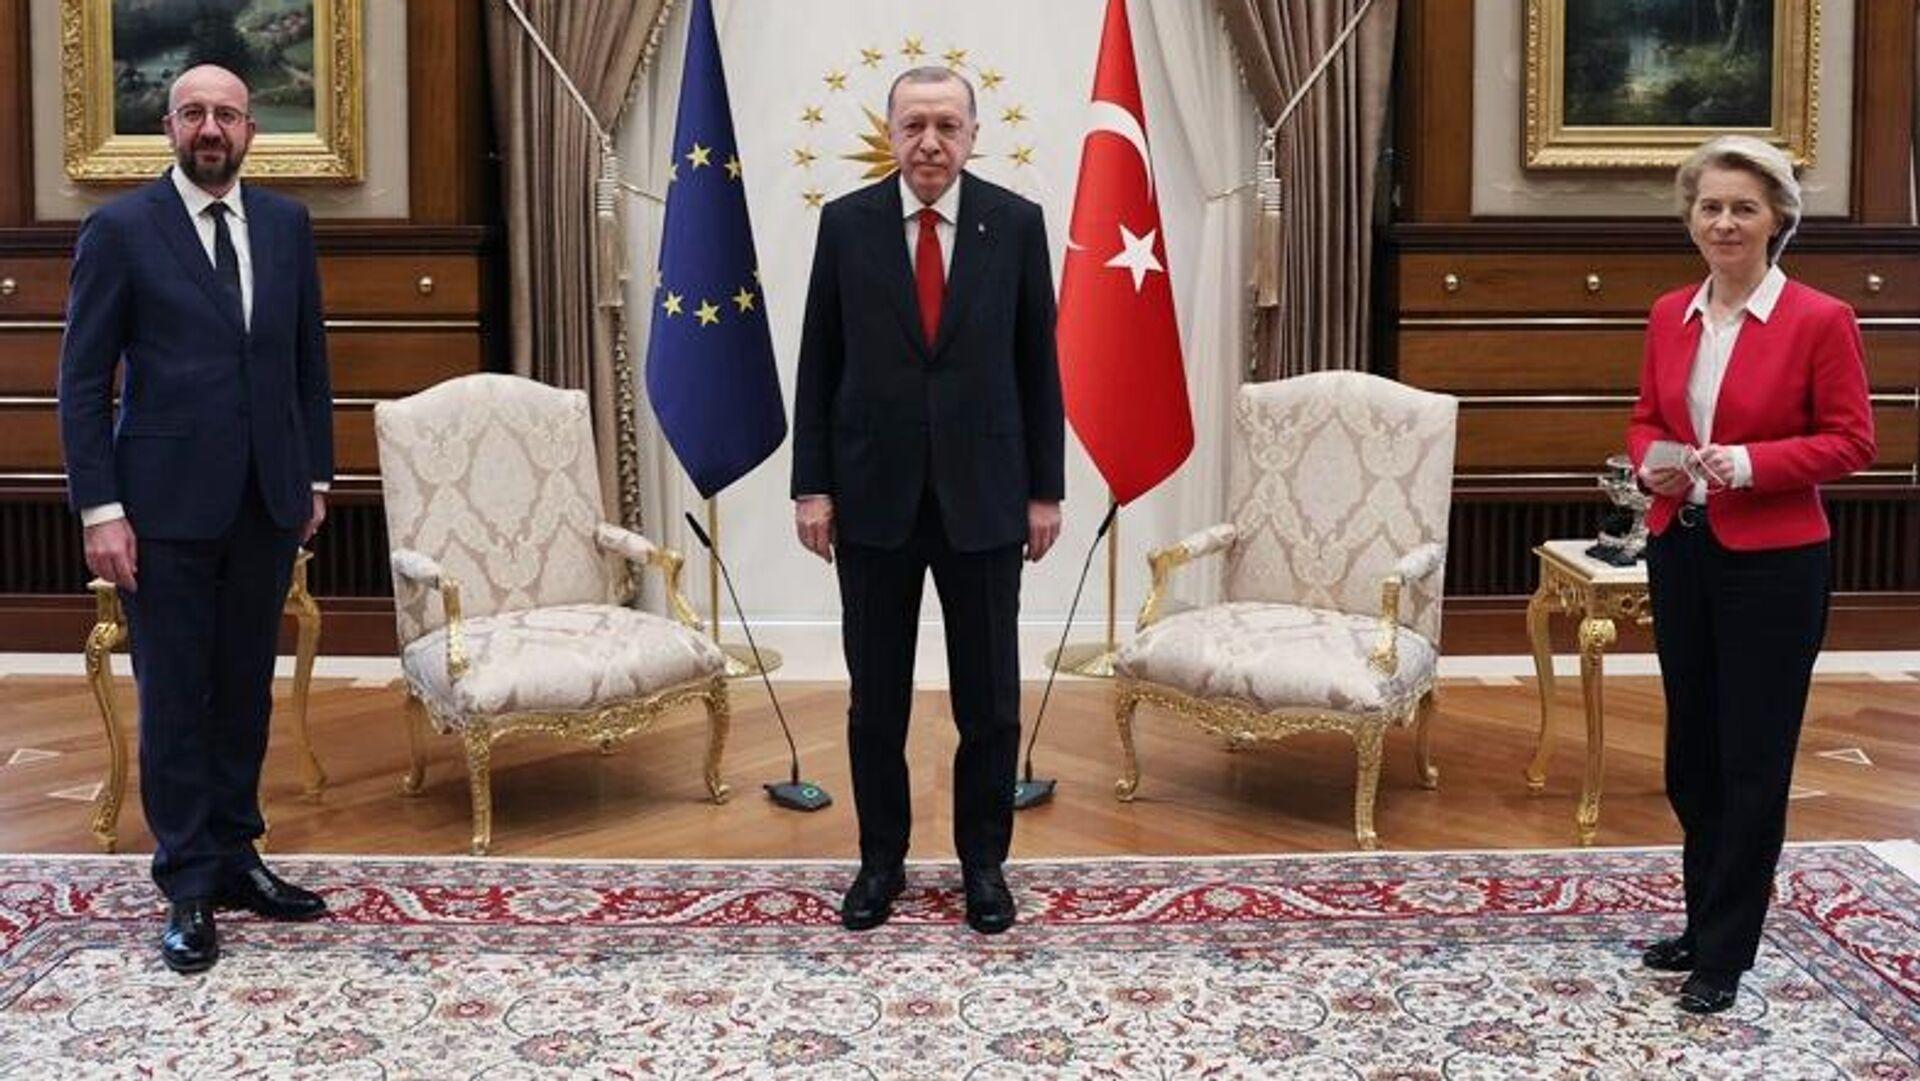 Президент Турции Реджеп Тайип Эрдоган на встрече с главой Евросовета Шарлем Мишелем и президентом Еврокомиссии Урсулой фон дер Ляйен - РИА Новости, 1920, 06.04.2021